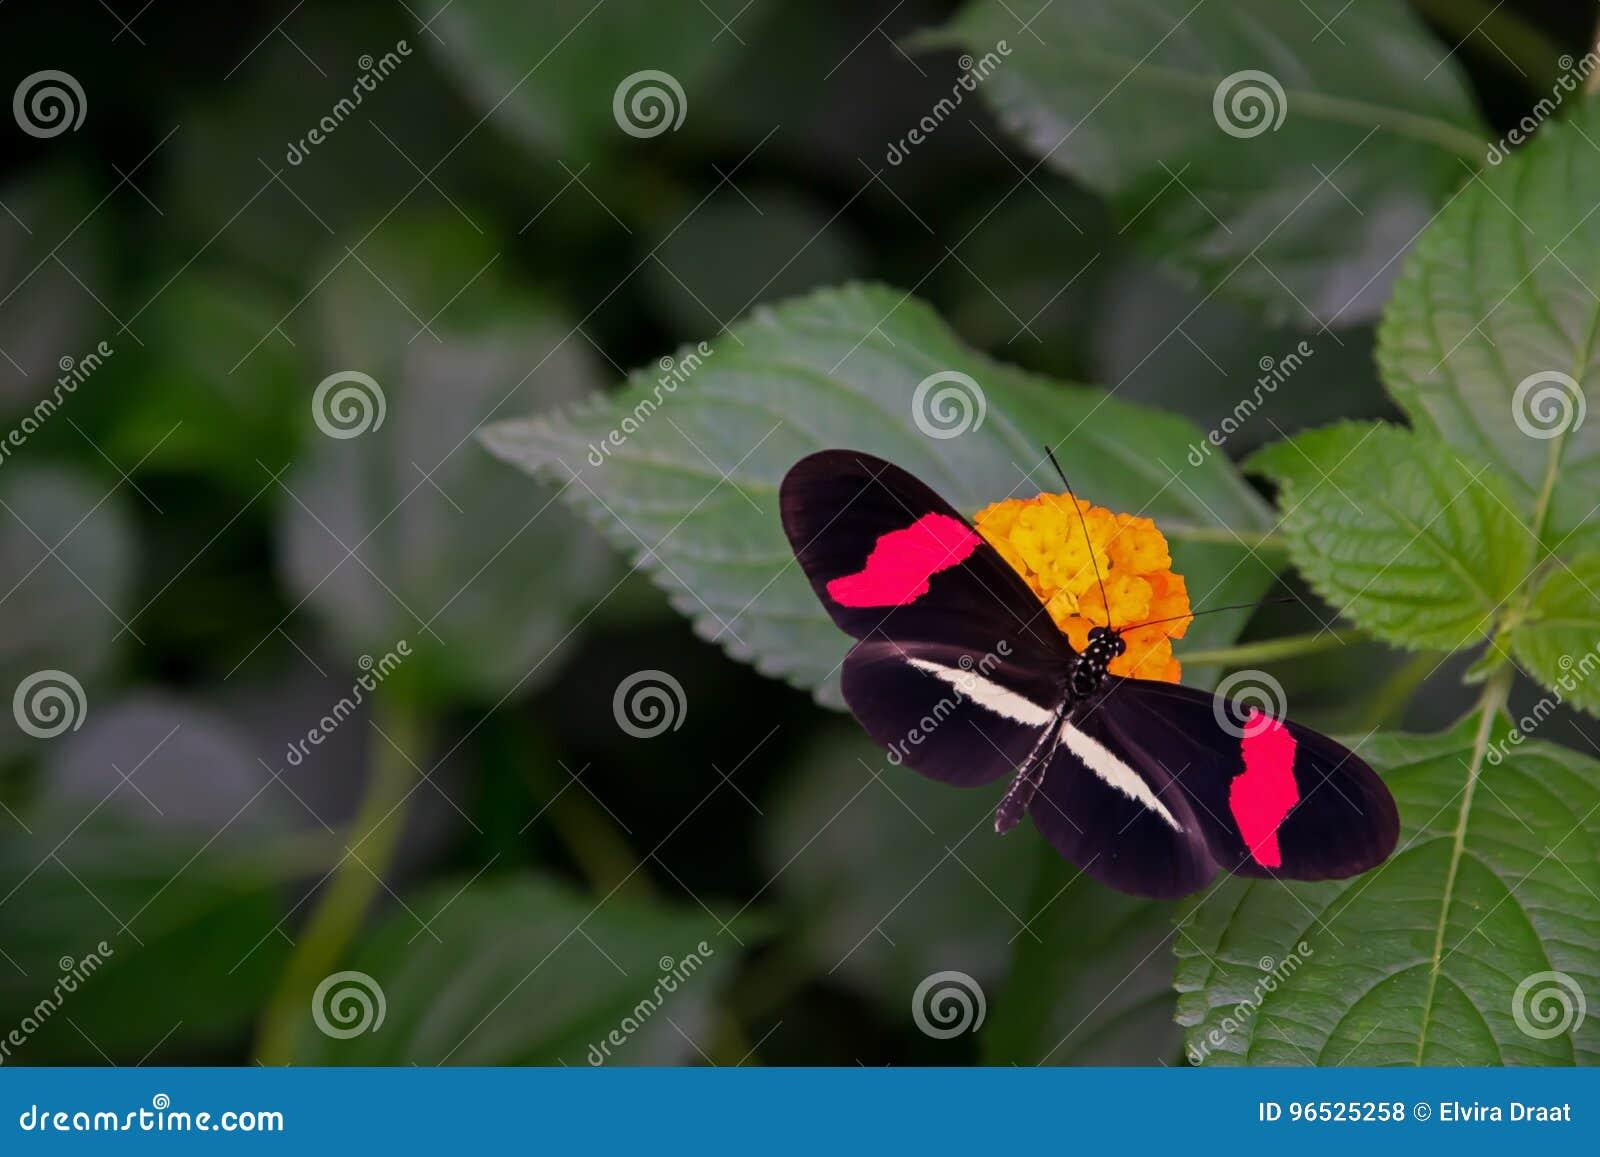 Papillon Rouge De Facteur, Se Reposant En Passant Sur Une